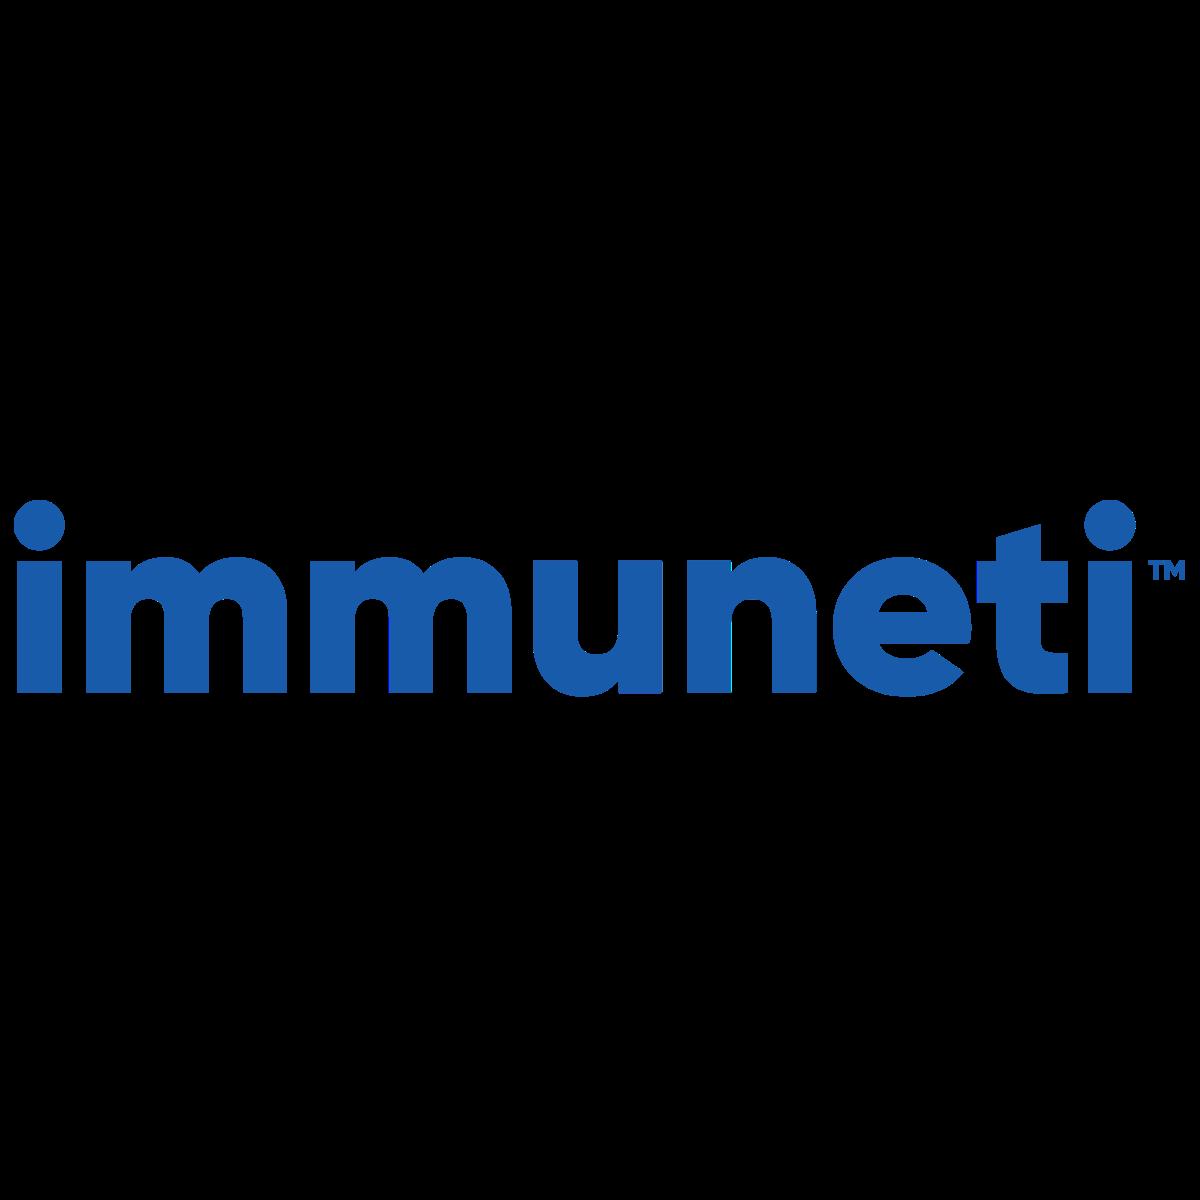 immuneti